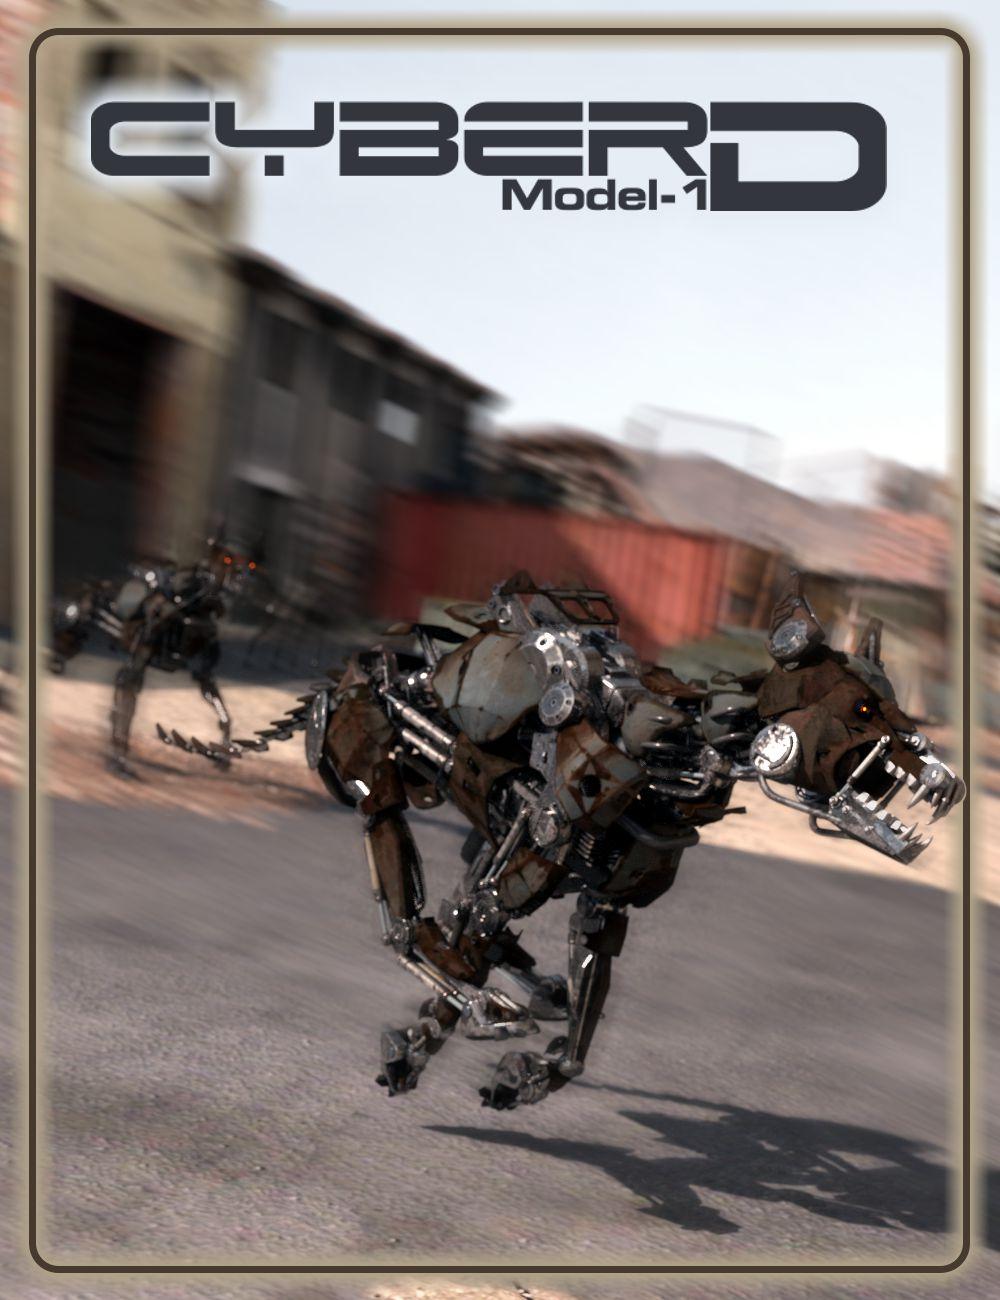 CyberD Model 1 by: DzFire, 3D Models by Daz 3D